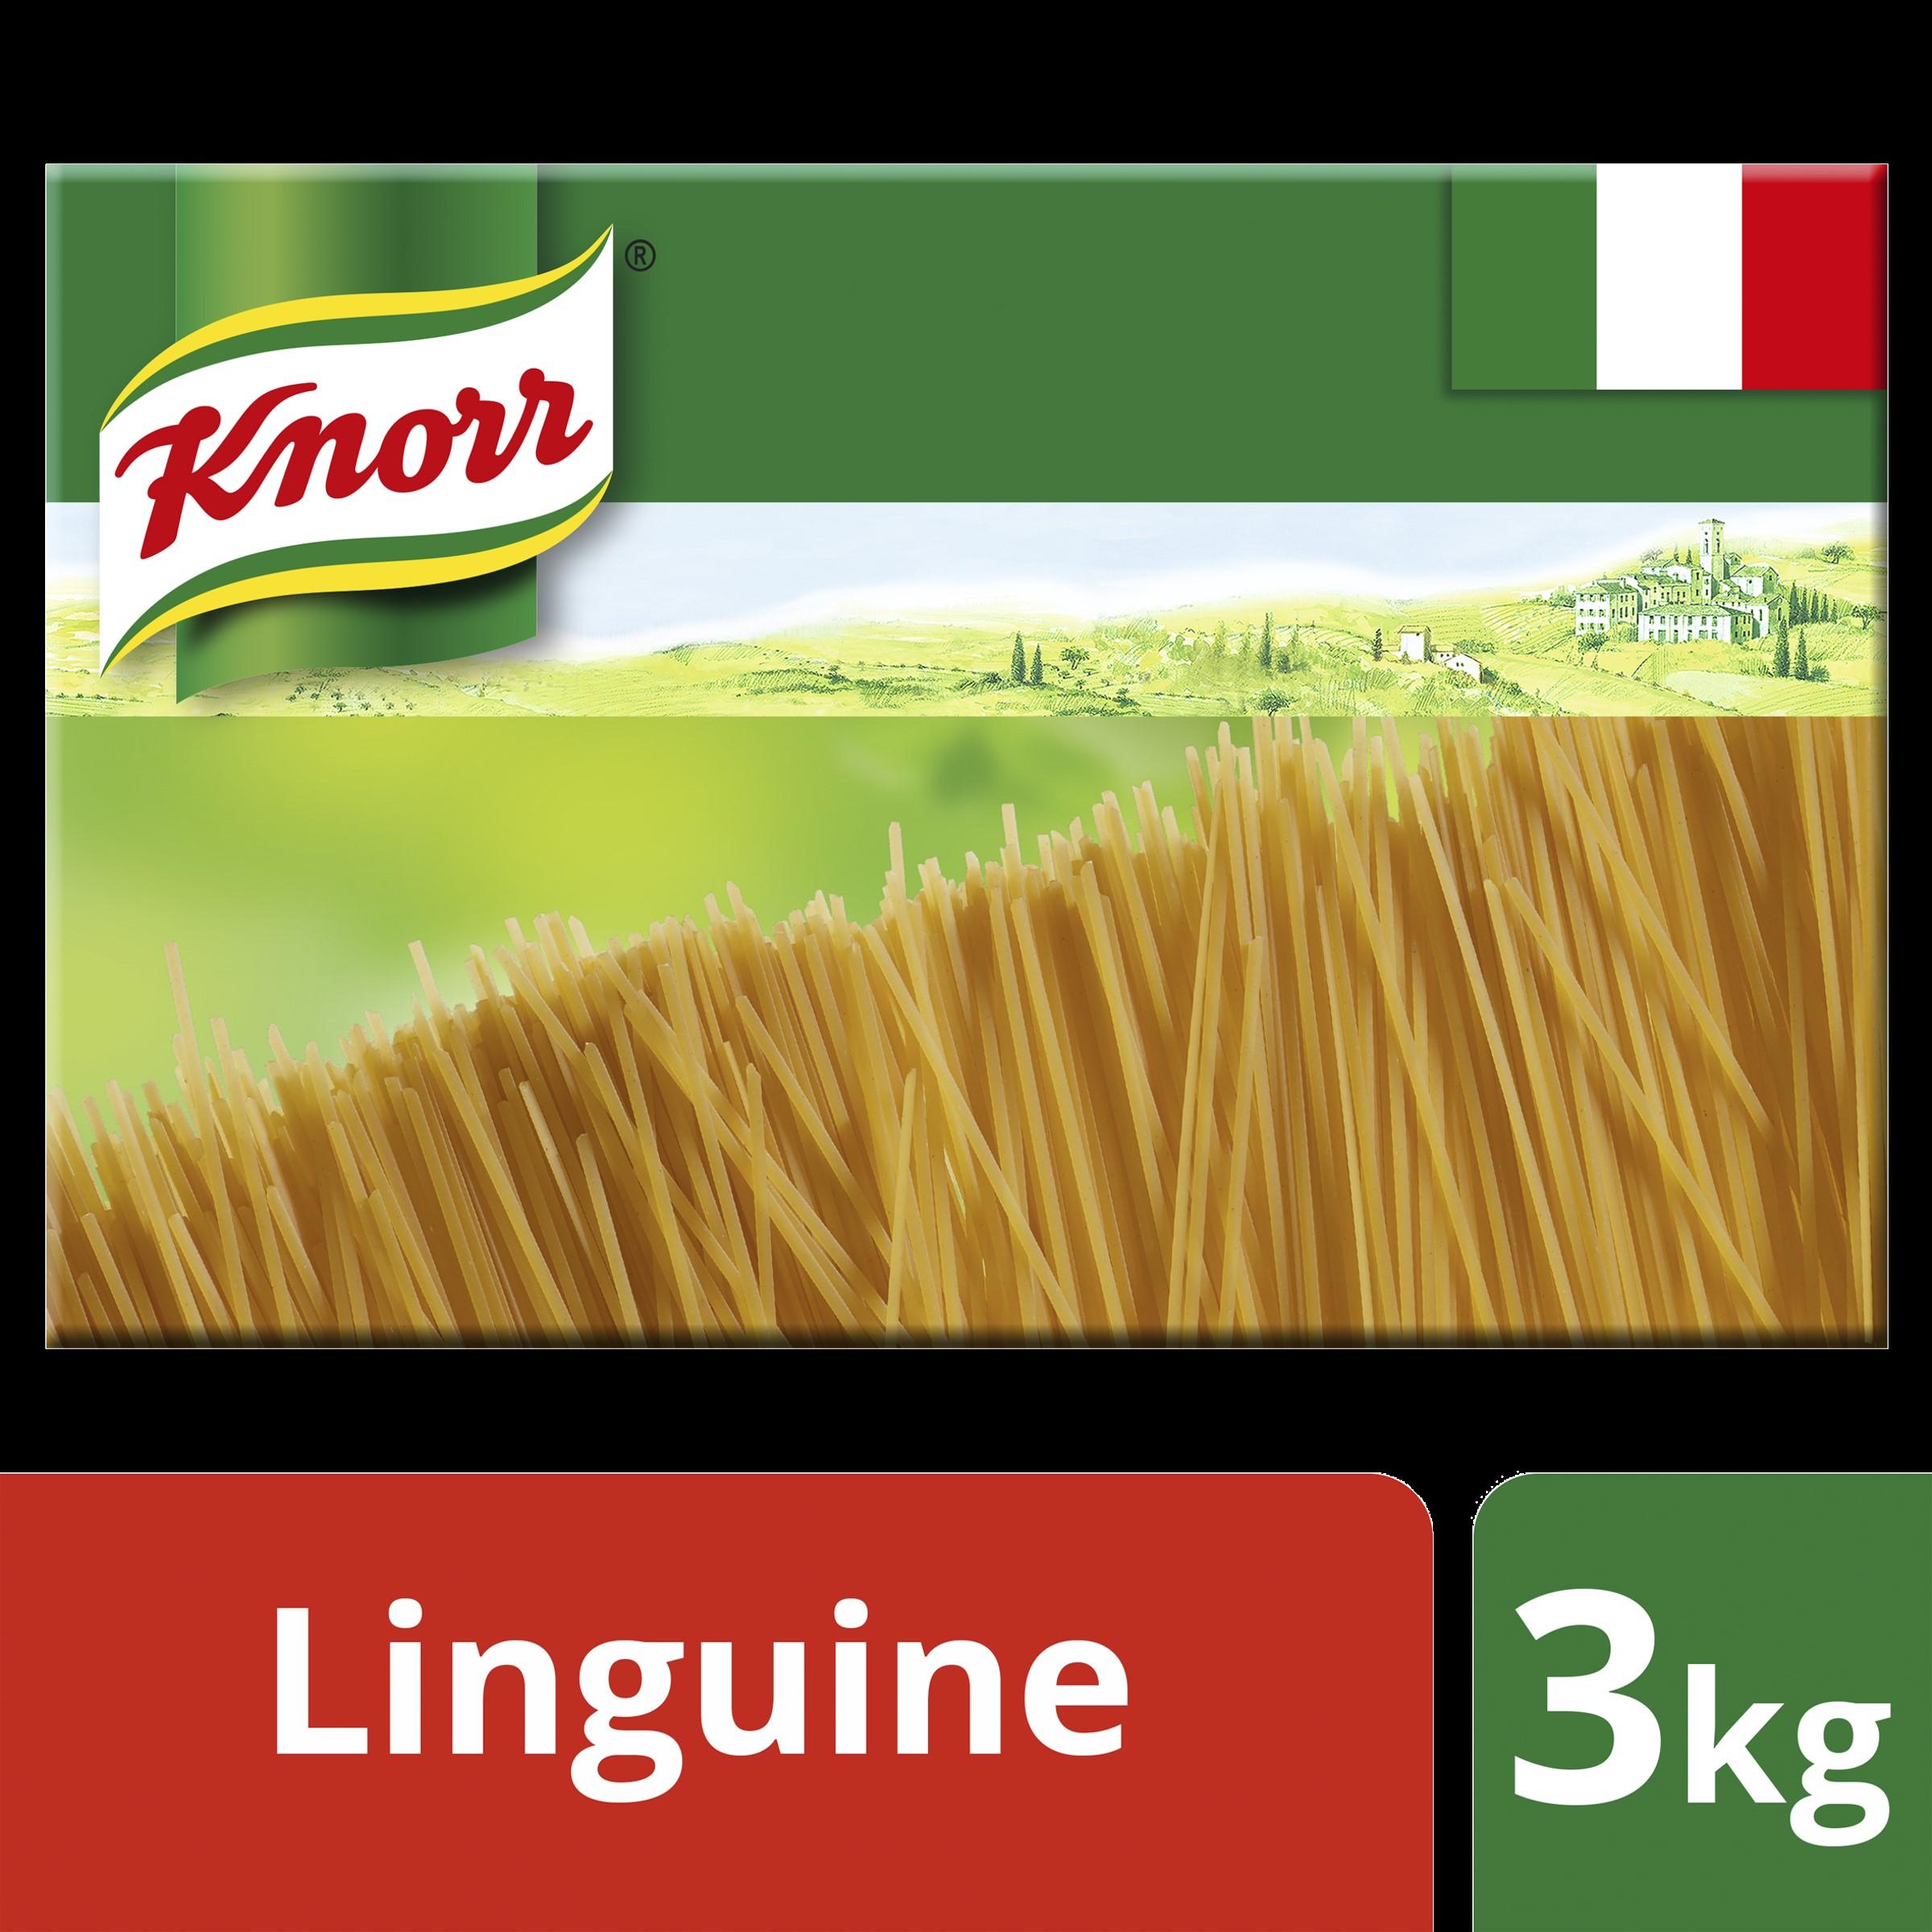 Knorr Linguine 3kg